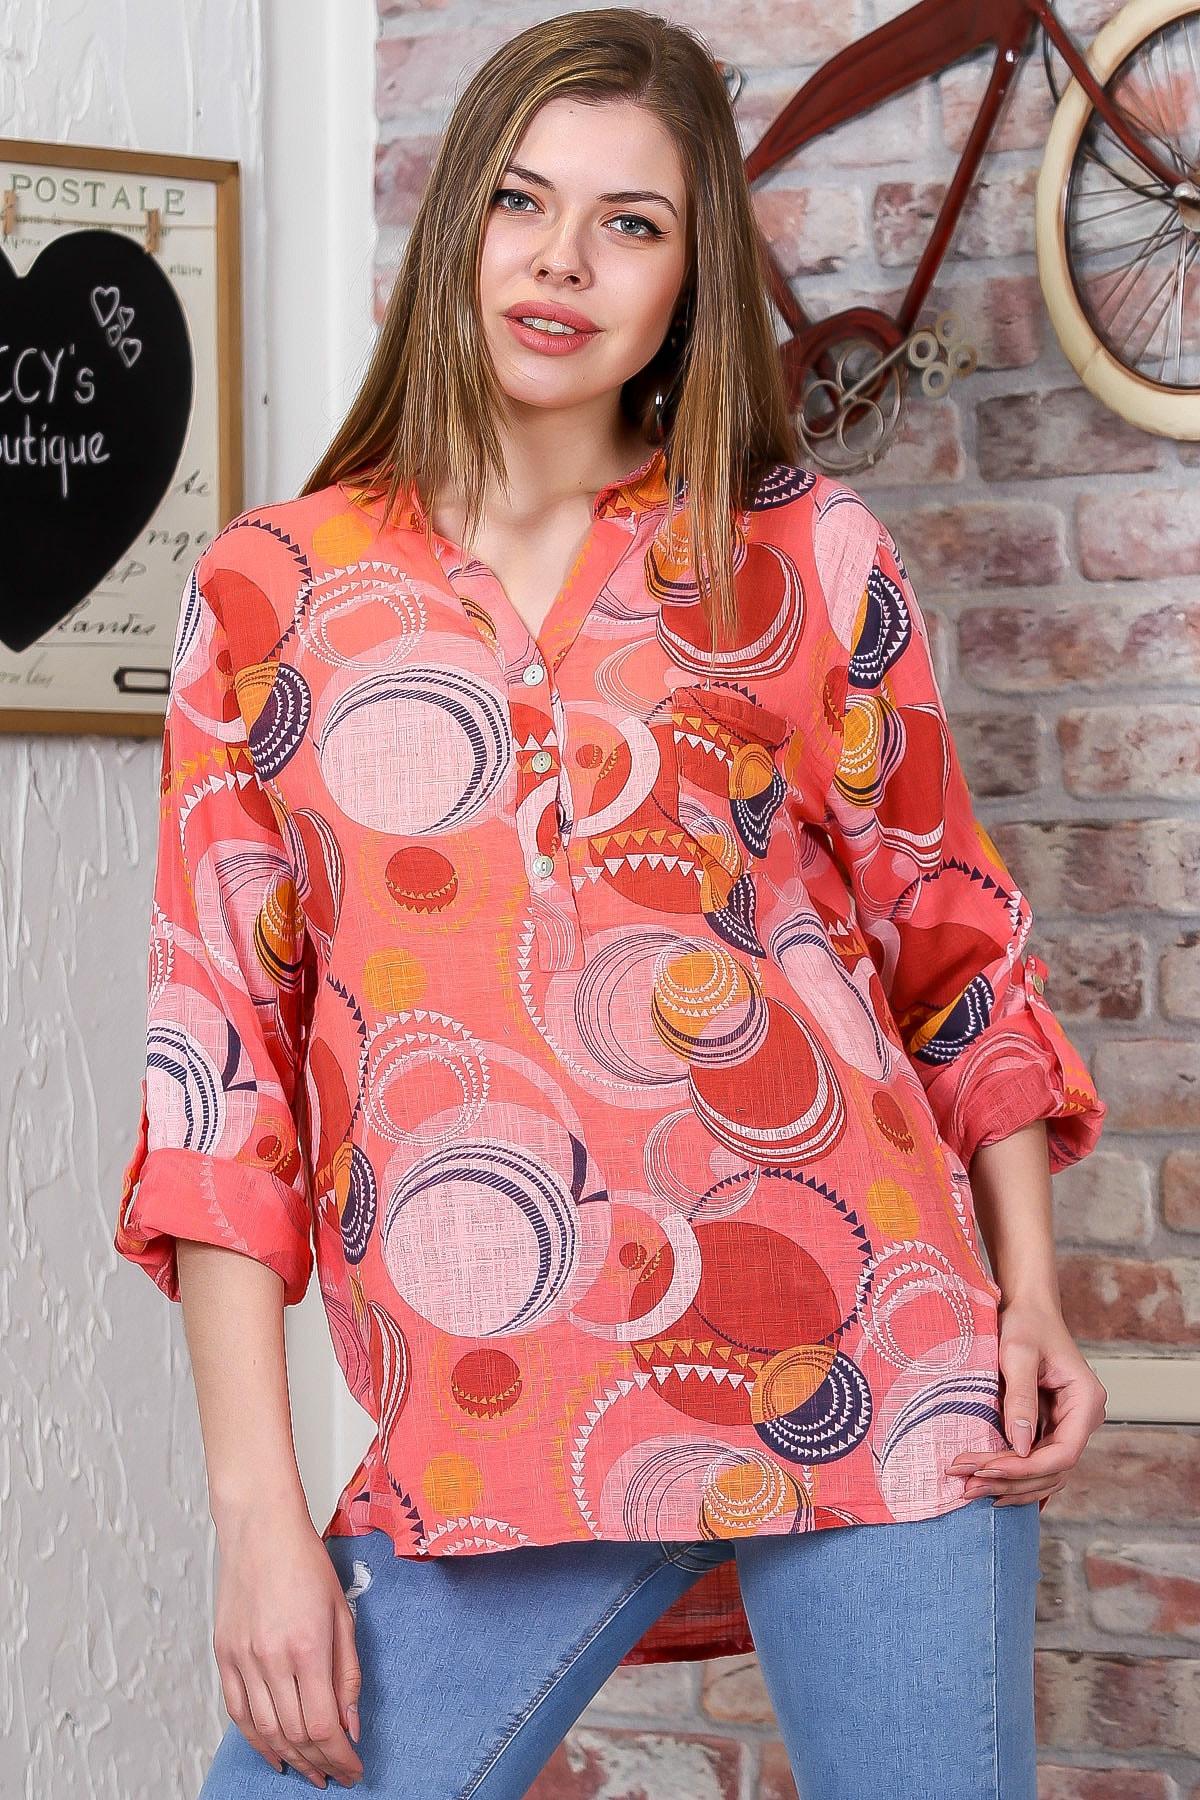 Chiccy Kadın Turuncu İtalyan Geometrik Desenli Patı Düğme Detaylı 3/4 Kol Ayarlı Bluz M10010200BL95498 1